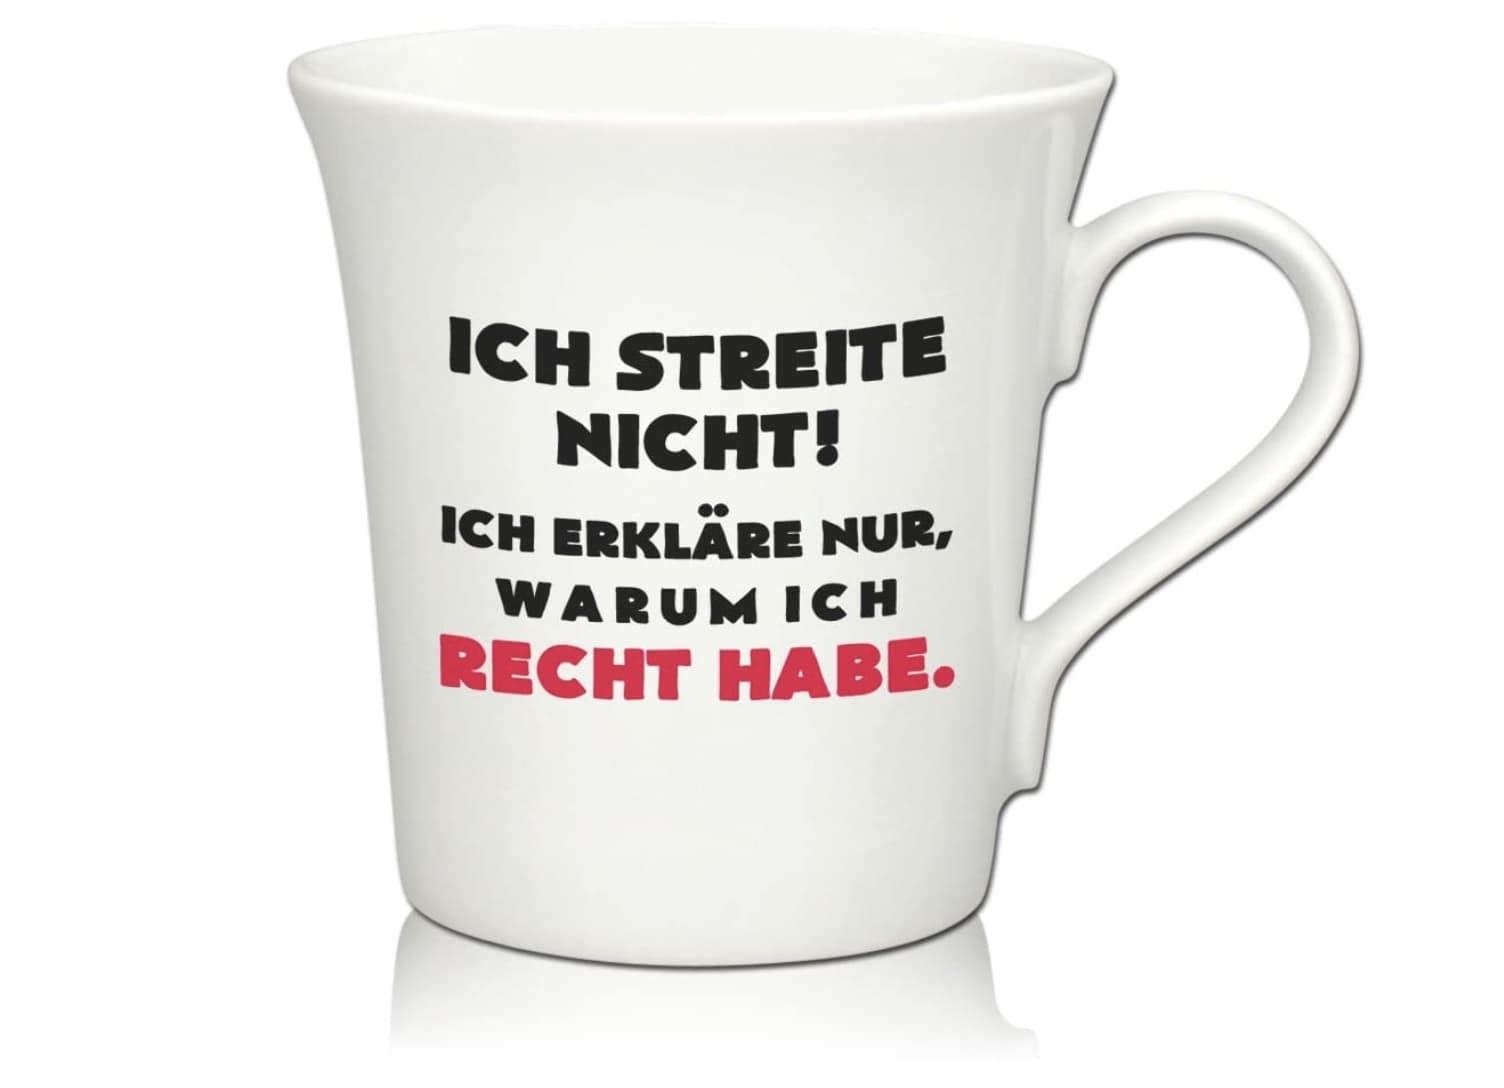 """Kaffeetasse mit Schriftzug """"Ich streite nicht! Ich erkläre nur warum ich Recht habe"""""""